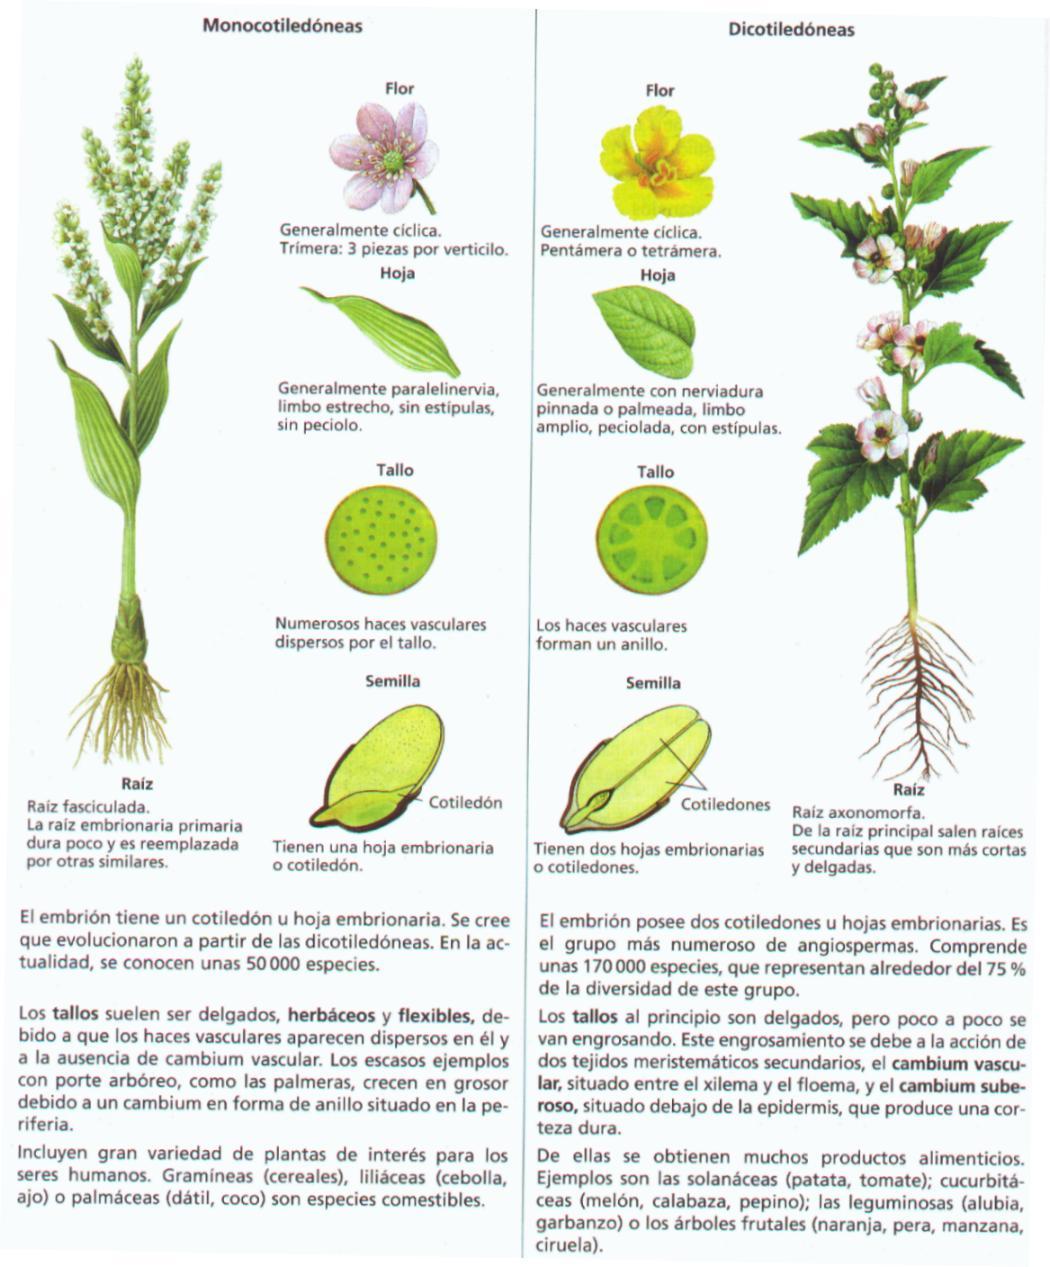 Ejemplos de angiospermas